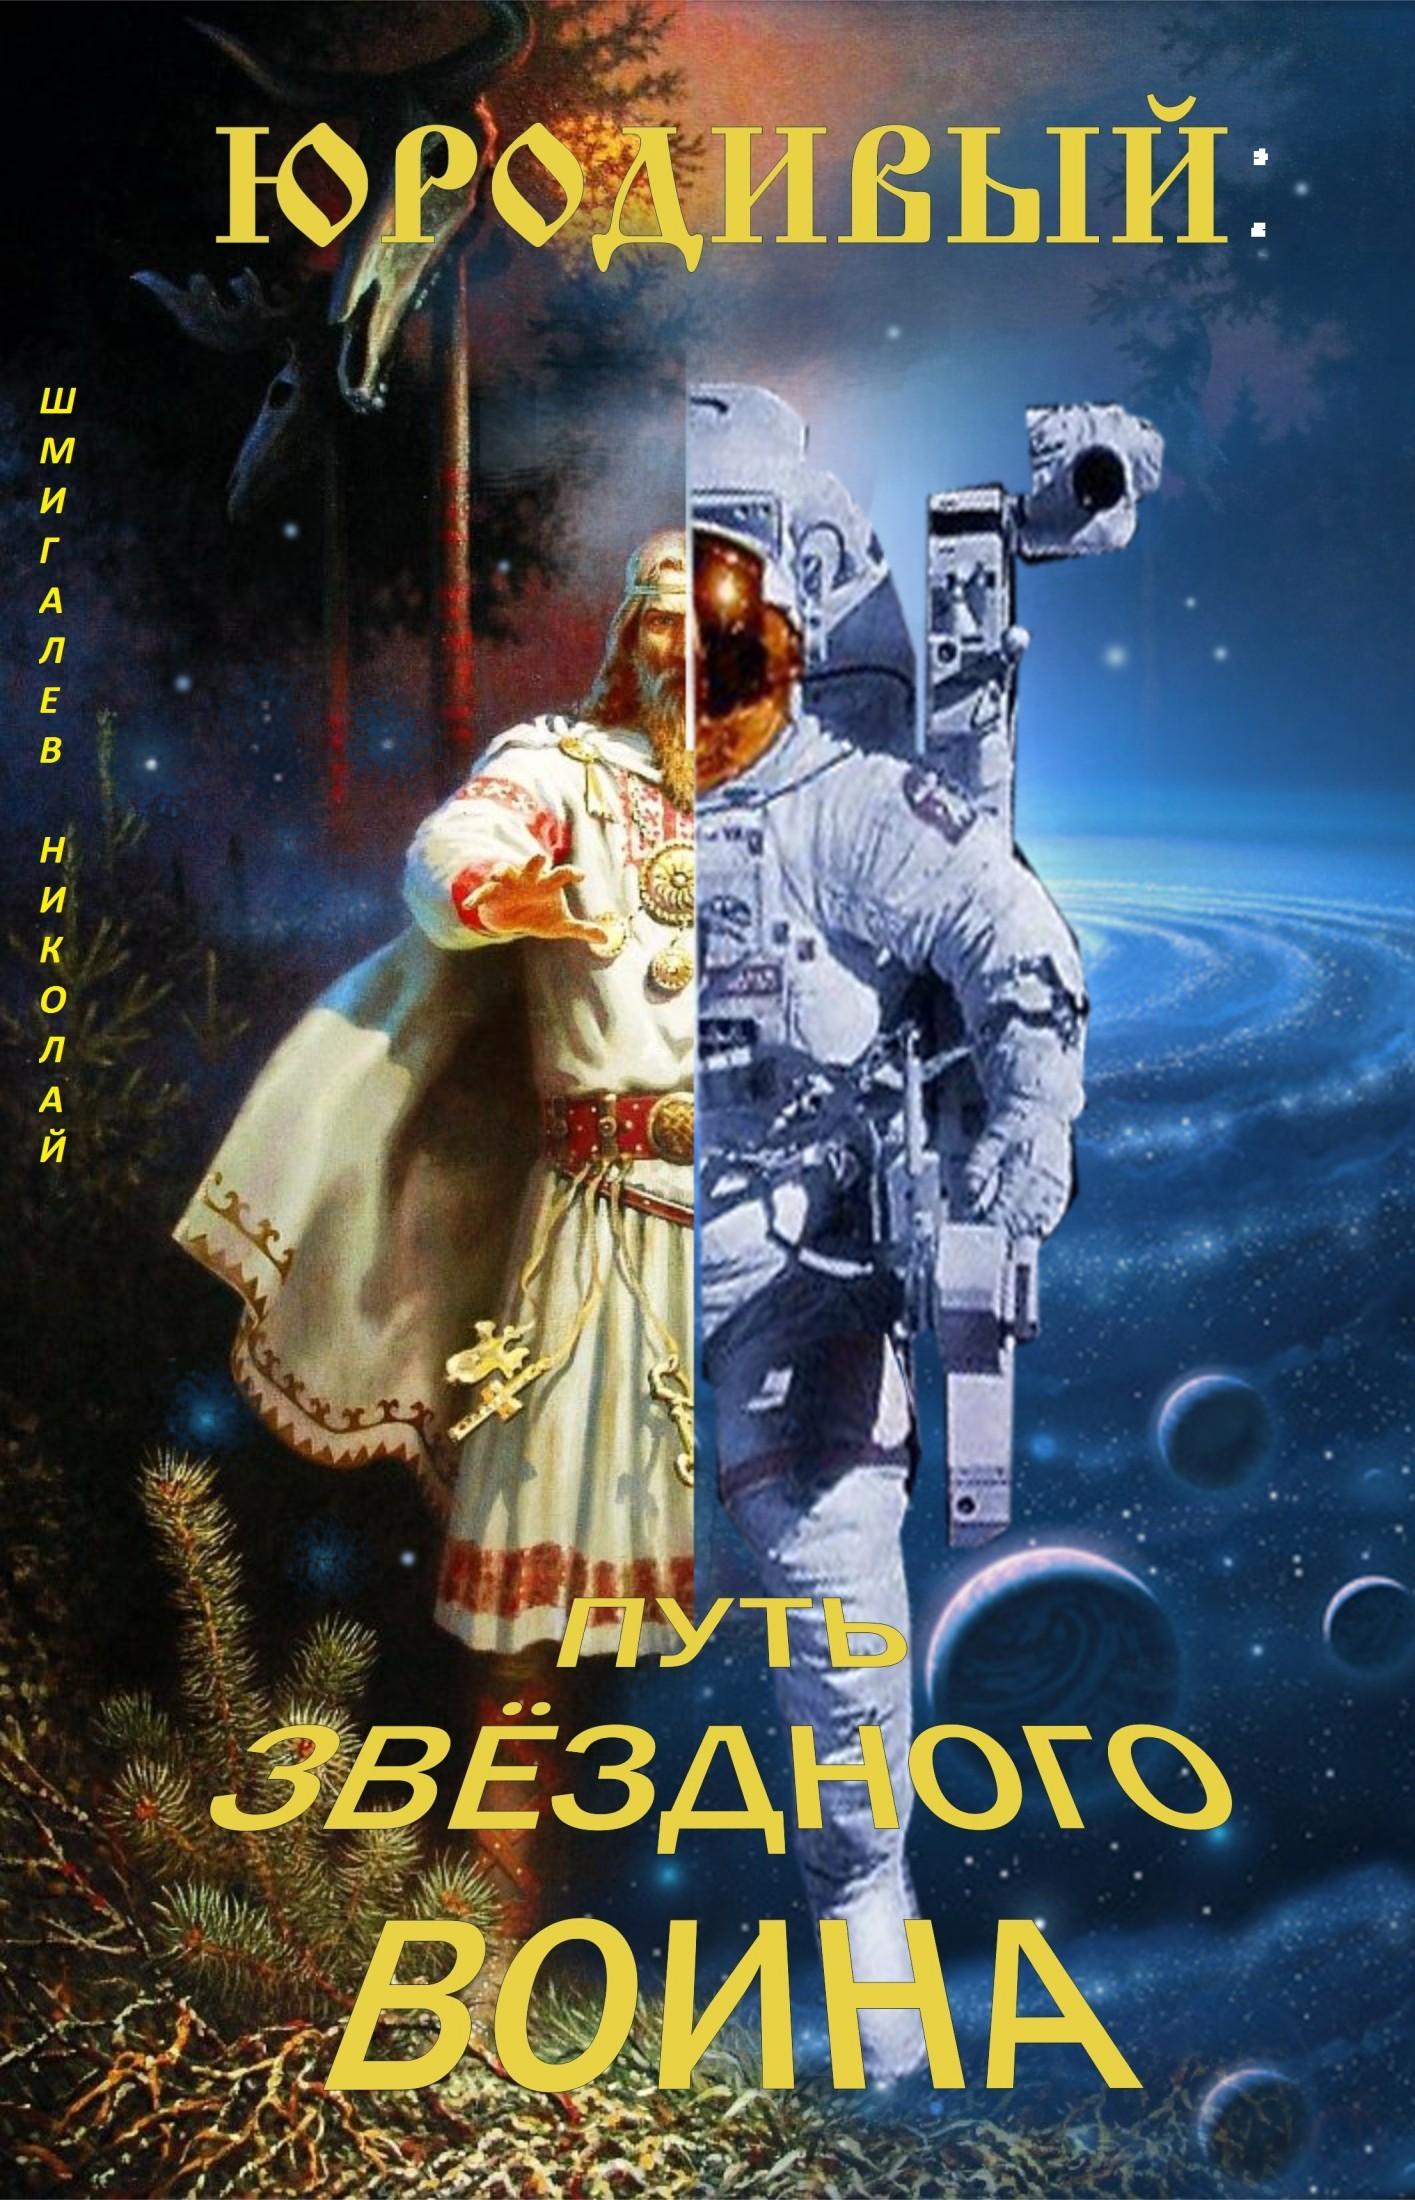 Николай Николаевич Шмигалев Юродивый: путь звездного воина пошел козел на базар